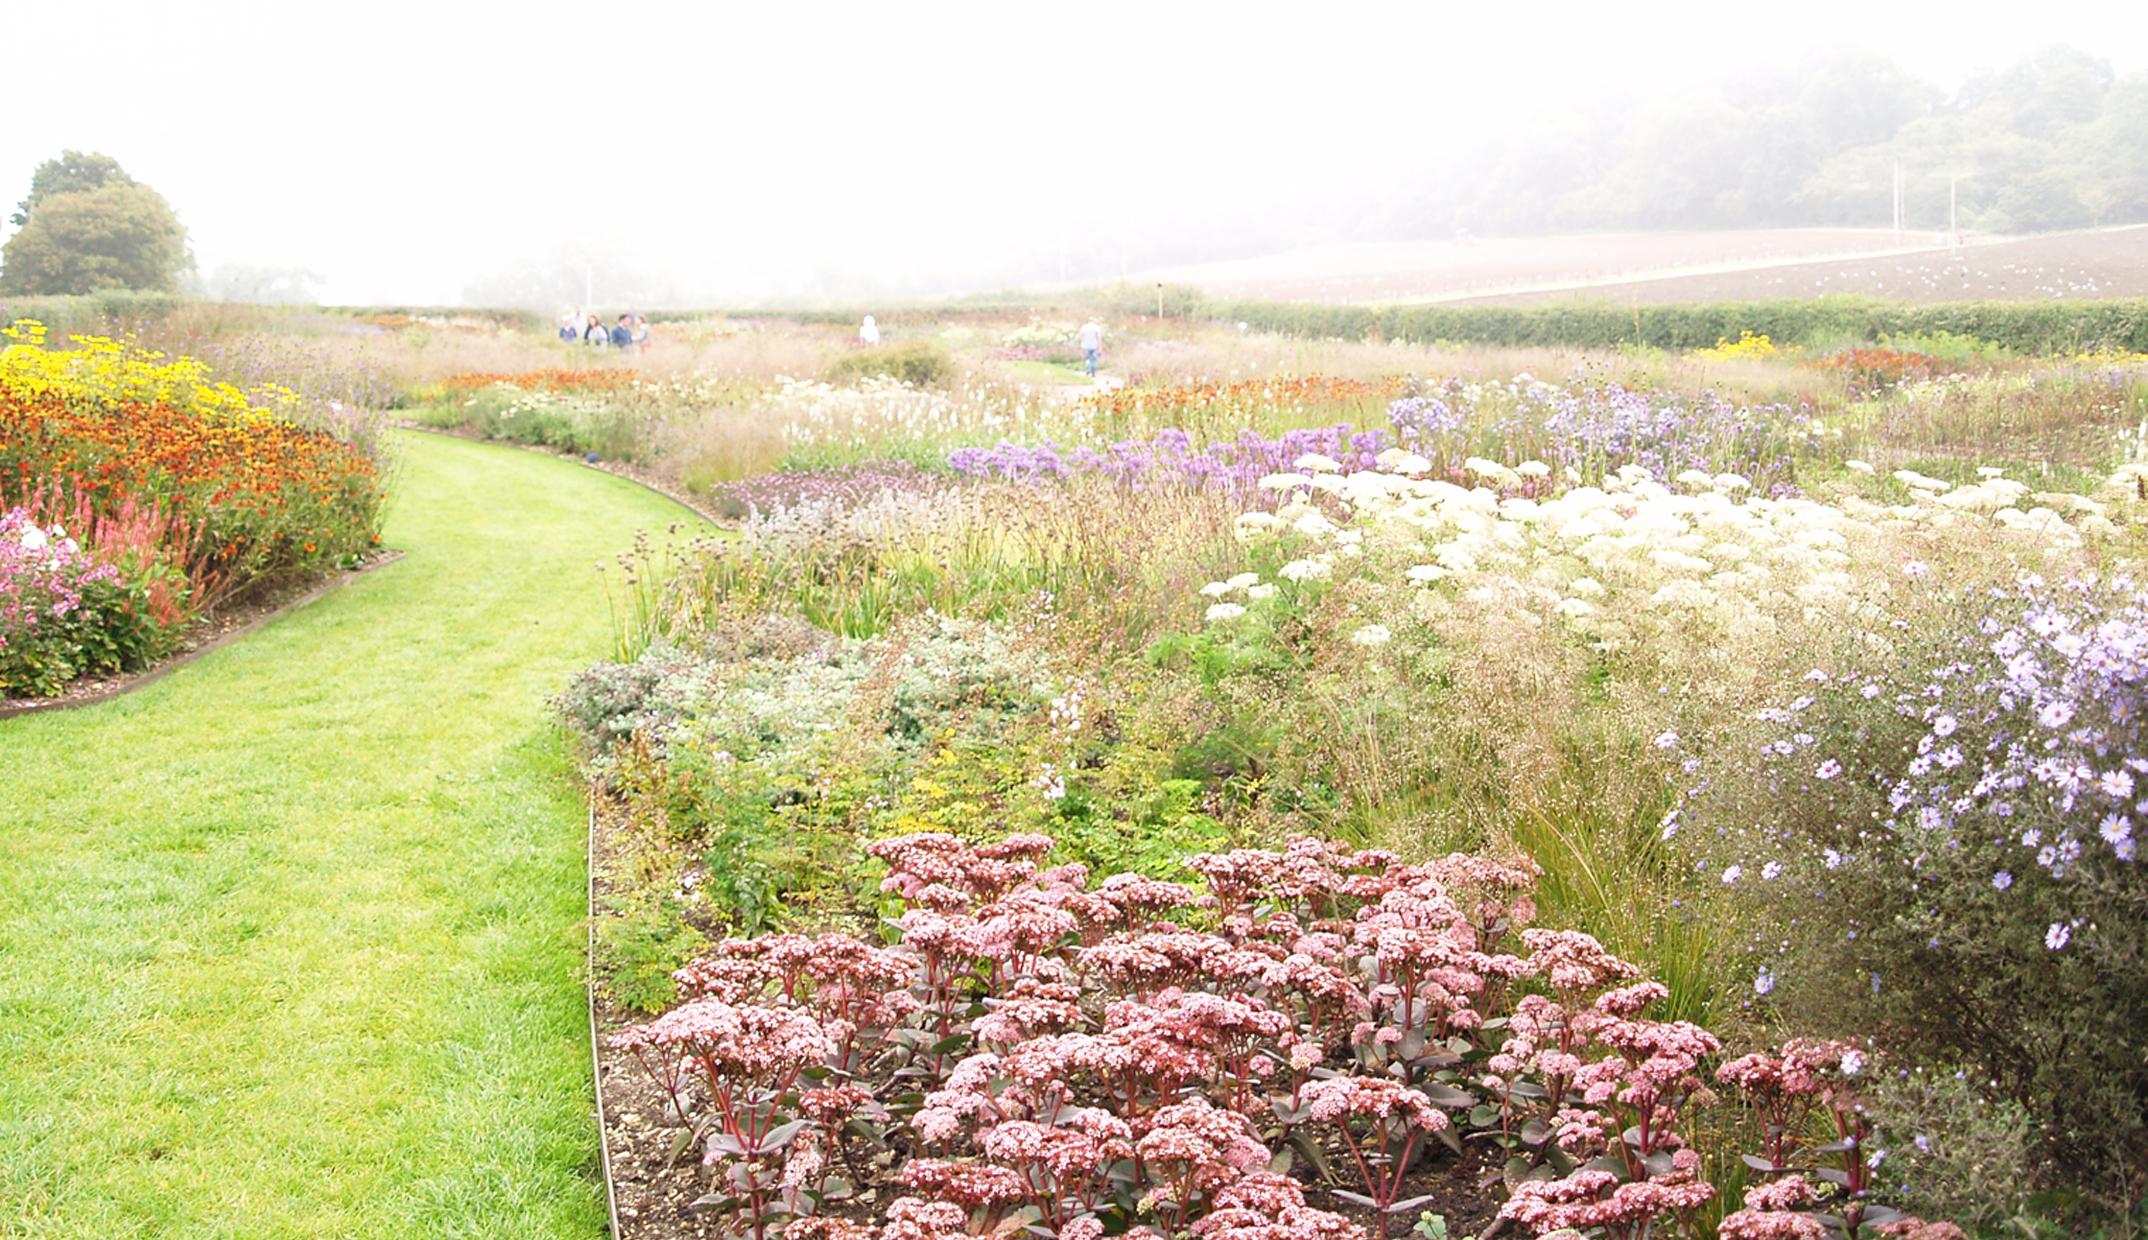 Places piet oudolf hauser wirth working plot for Piet oudolf serpentine gallery